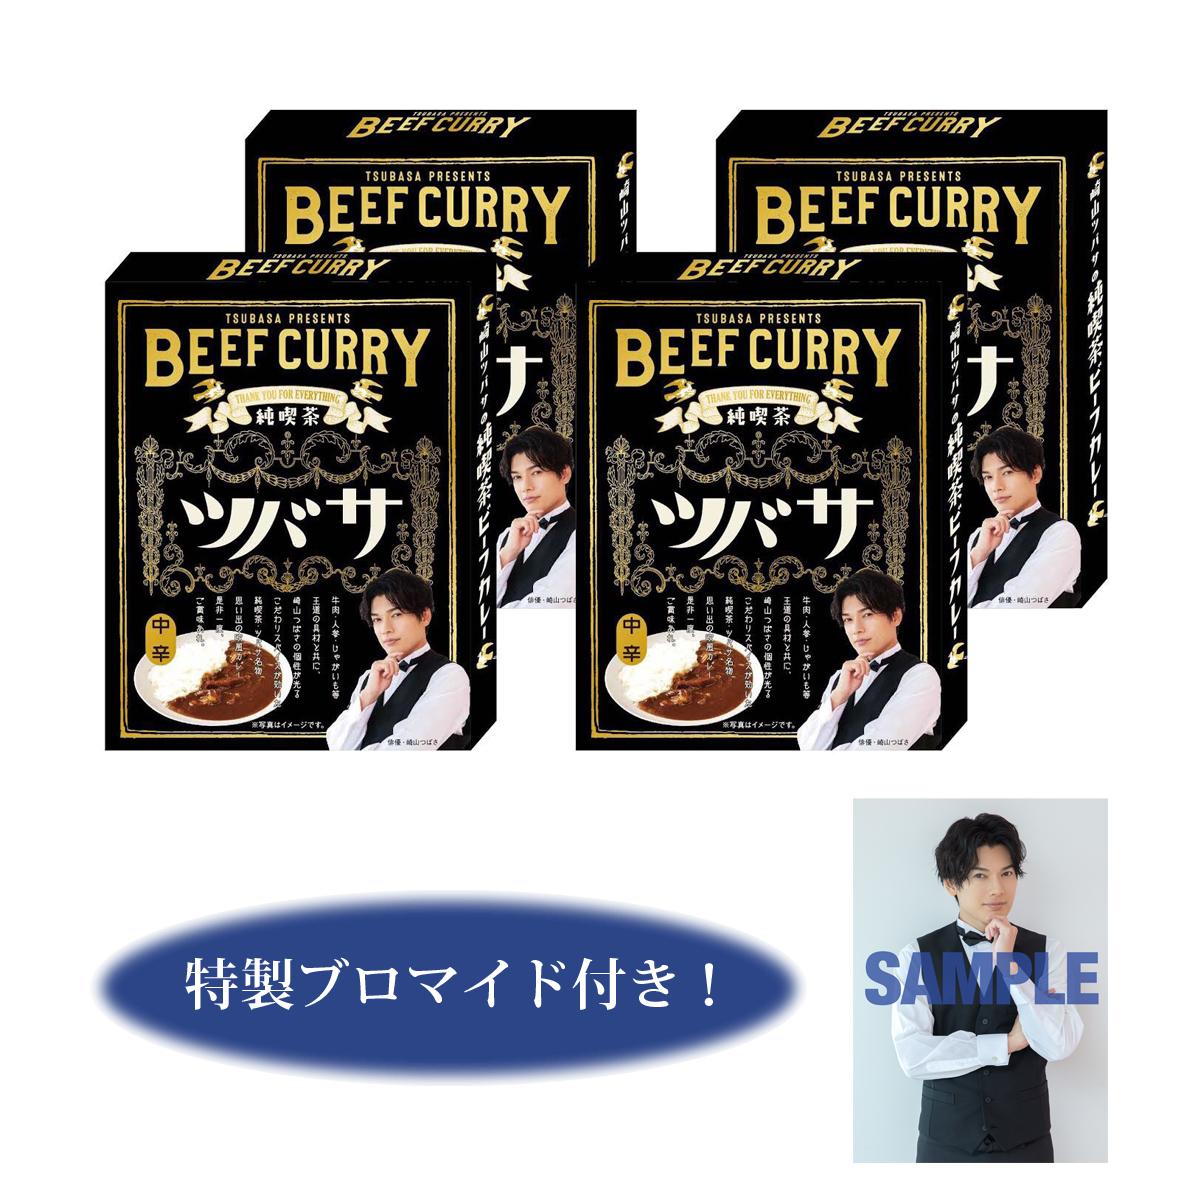 【再販売】崎山ツバサの純喫茶ビーフカレー4個セット